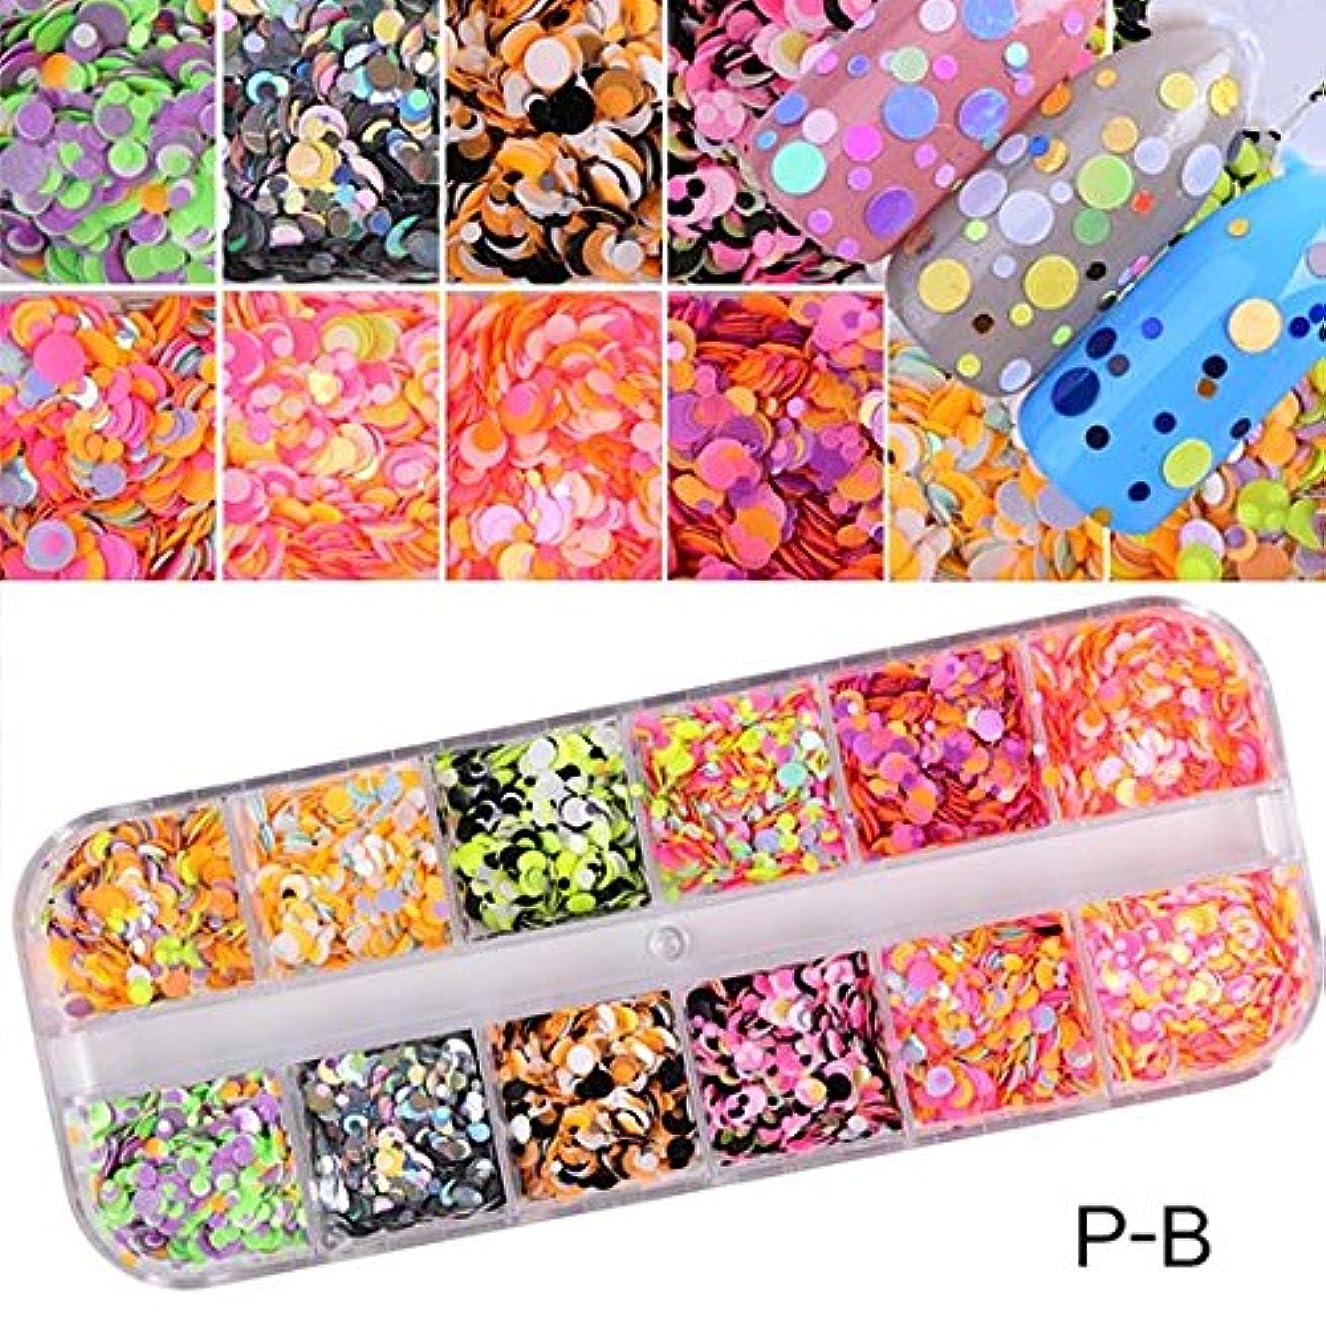 バリア拒否洗剤1 Set Dazzling Round Nail Glitter Sequins Dust Mixed 12 Grids 1/2/3mm DIY Charm Polish Flakes Decorations Manicure...